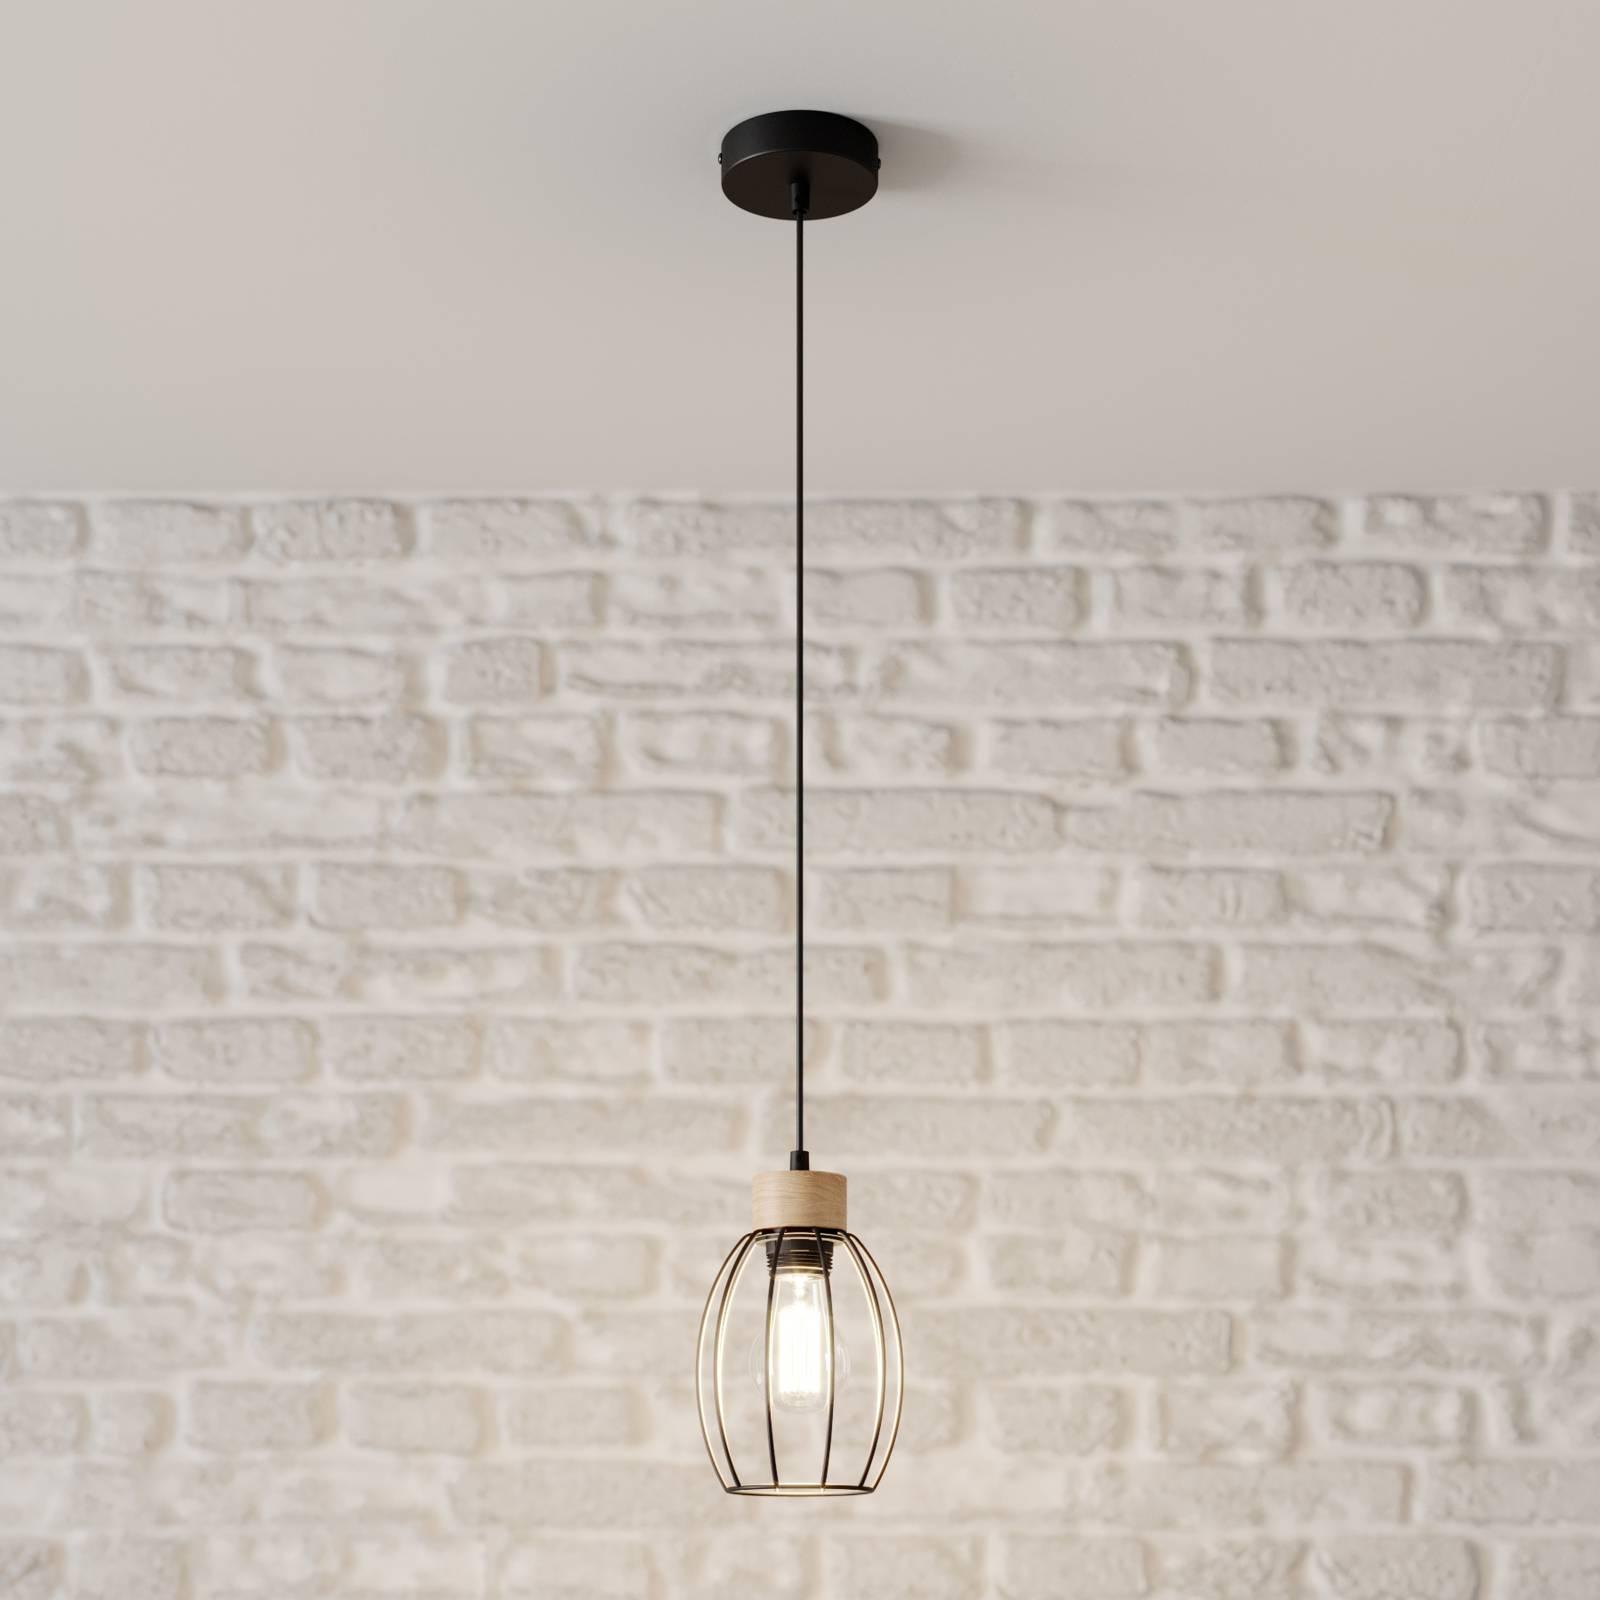 Hanglamp Beeke met een kooikap